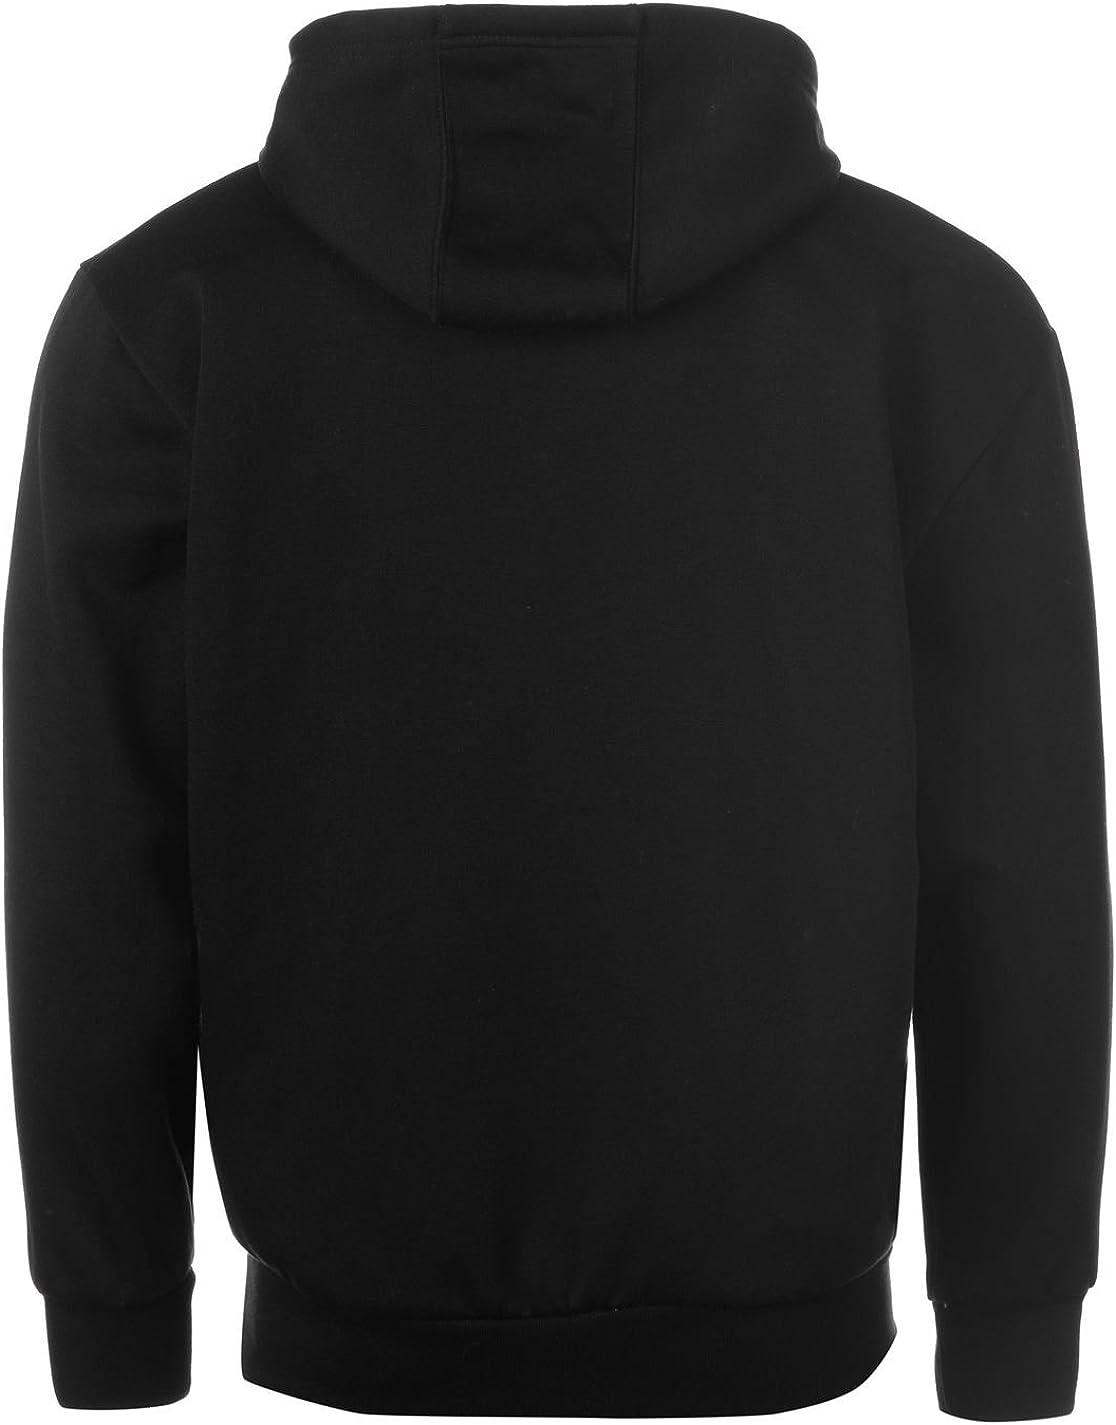 Slazenger Mens Fleece Hoody OTH Hoodie Hooded Top Long Sleeve Regular Fit